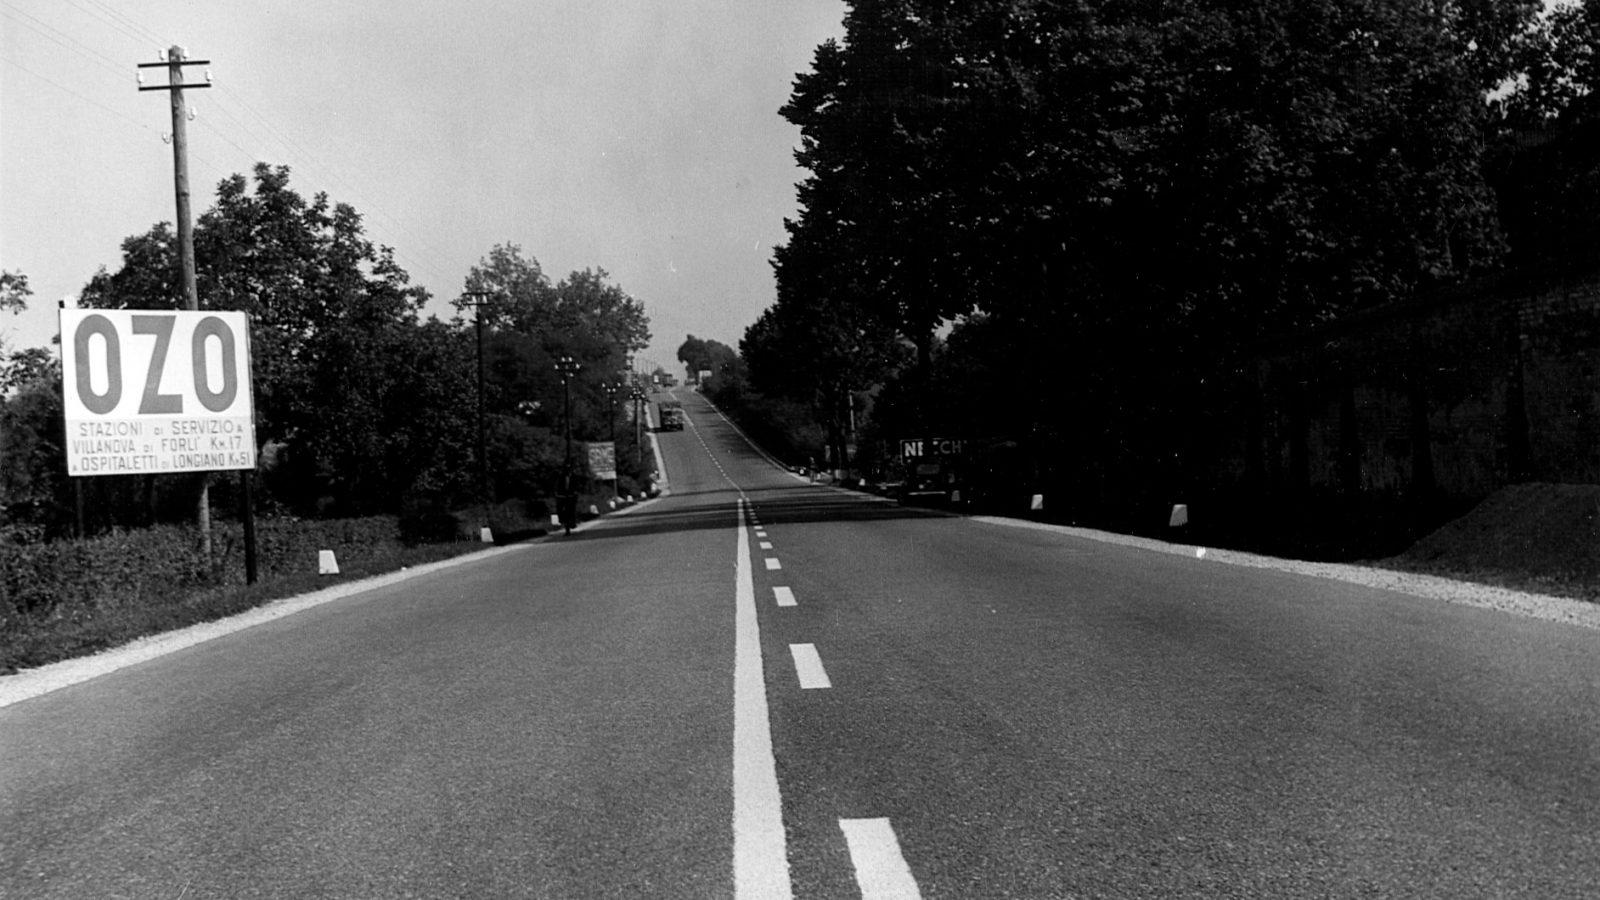 Strada statale 9 'Via Emilia' tratto Imola-Forlì, 1959 – segnalazione distanze area di sevizio